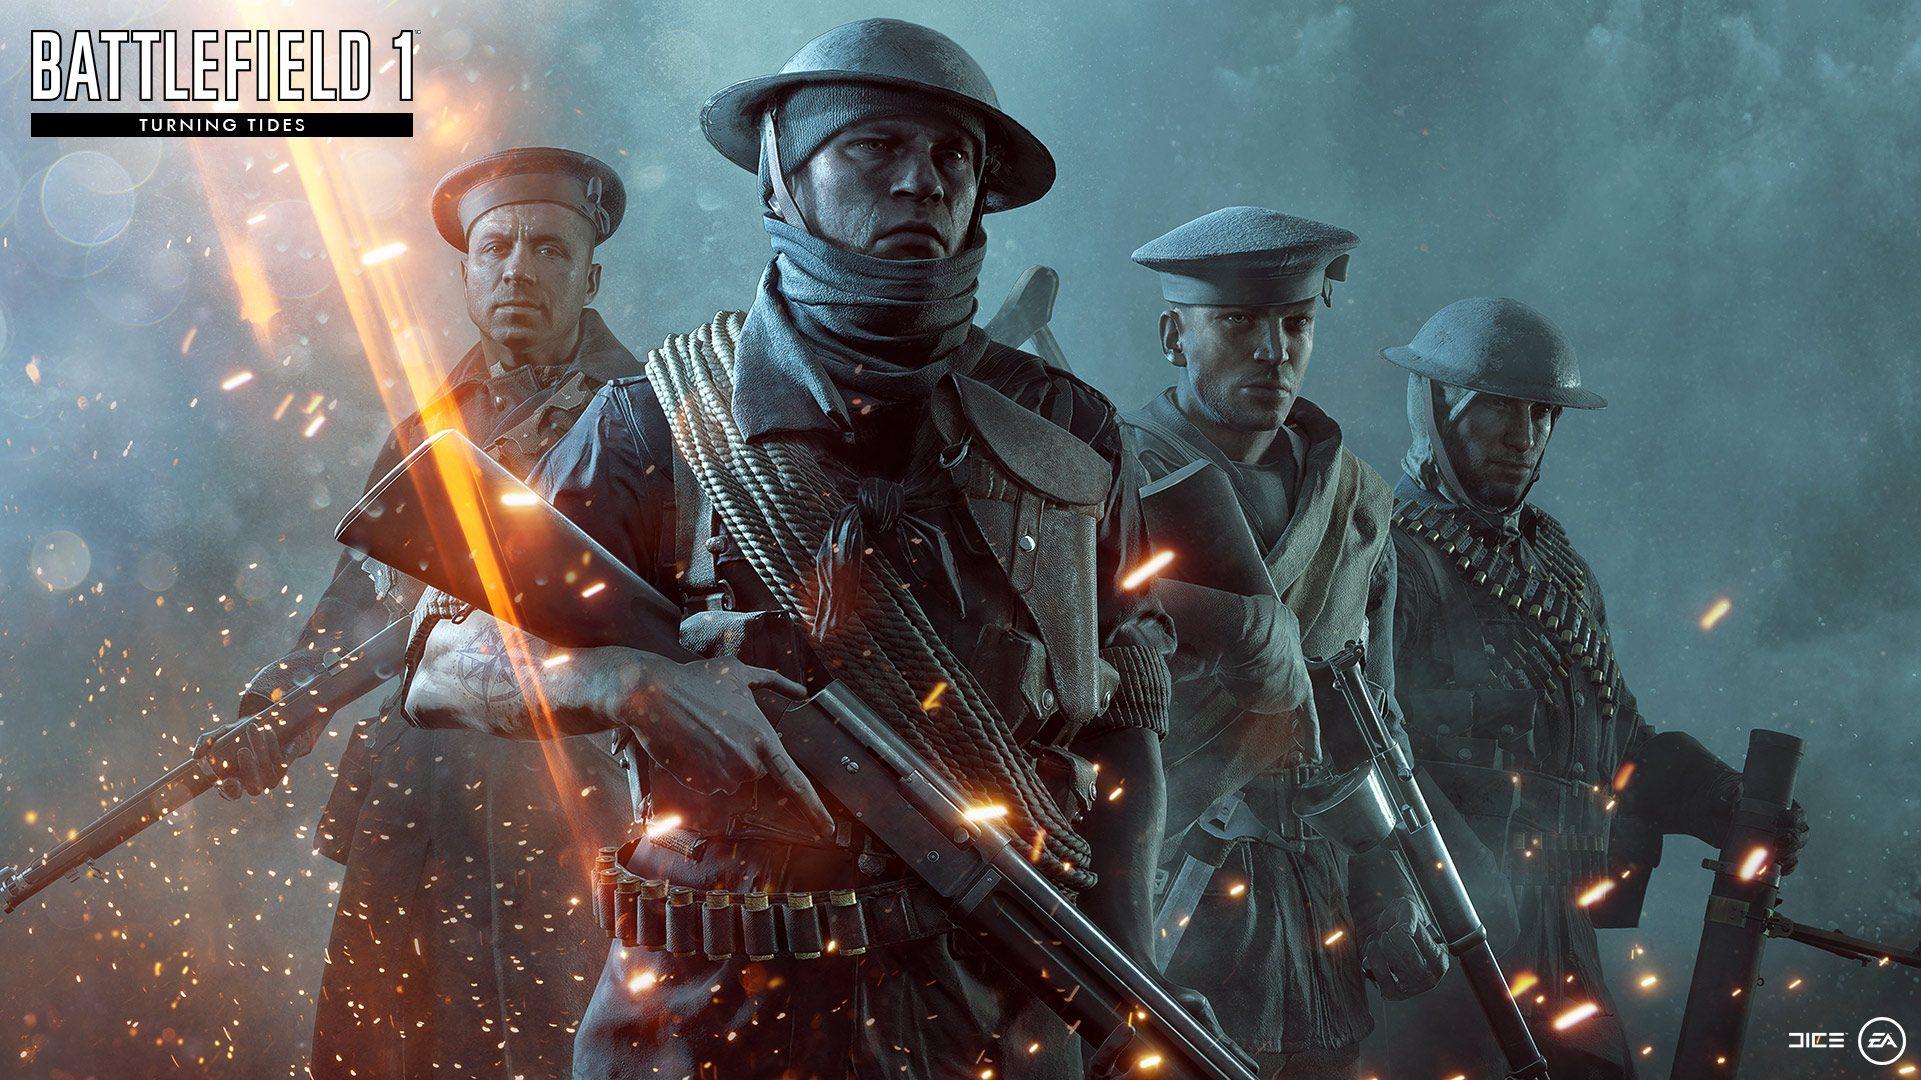 Nouveau DLC Battlefield 1 - DLC Turning Tides annoncé !